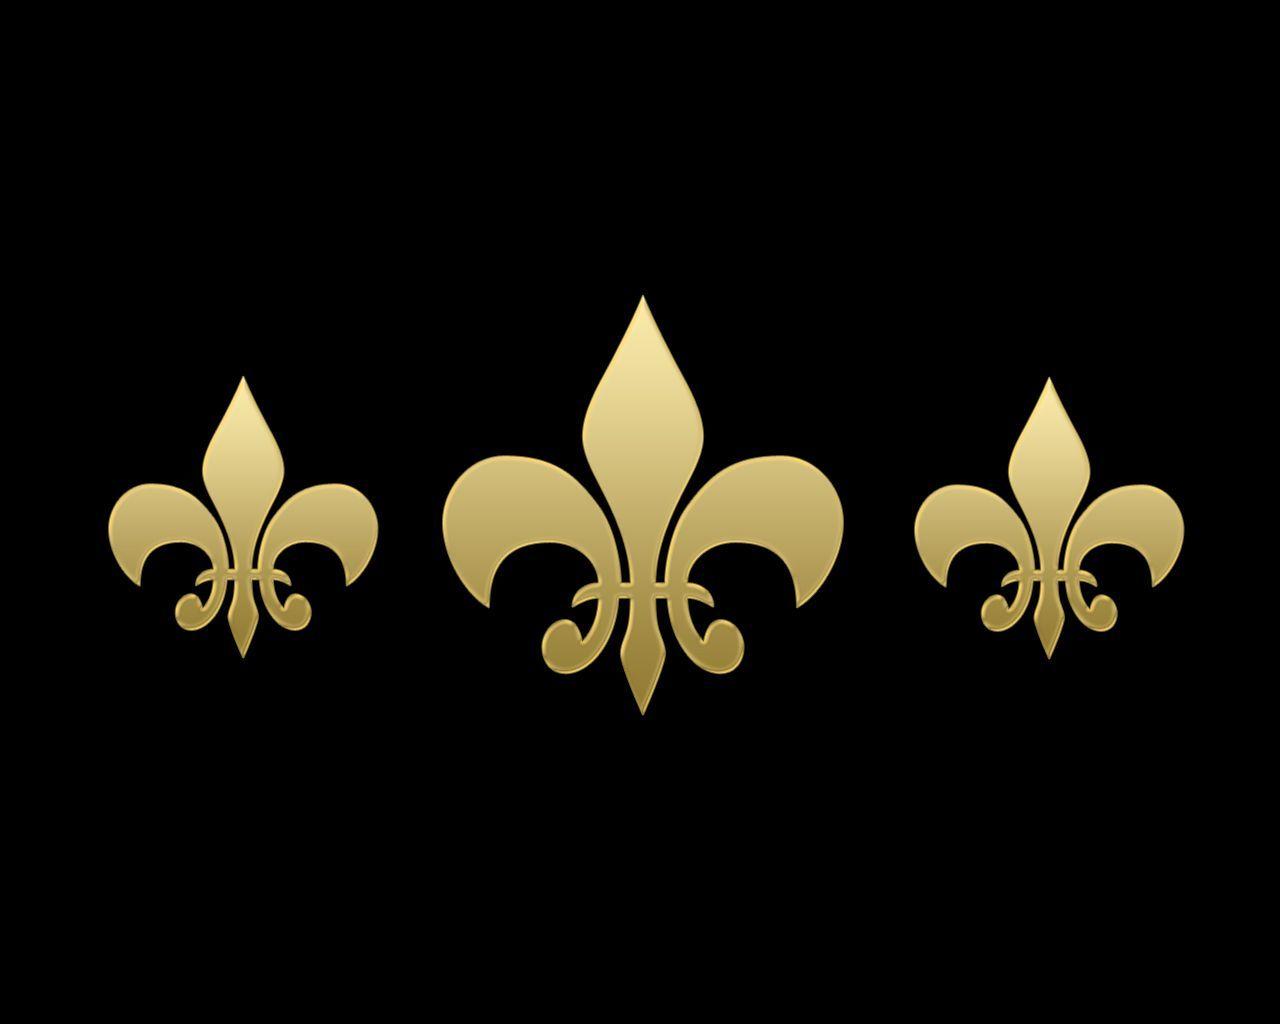 45 Saints Fleur De Lis Wallpapers Download At Wallpaperbro Wallpaper Classic Wallpaper Fleur De Lis